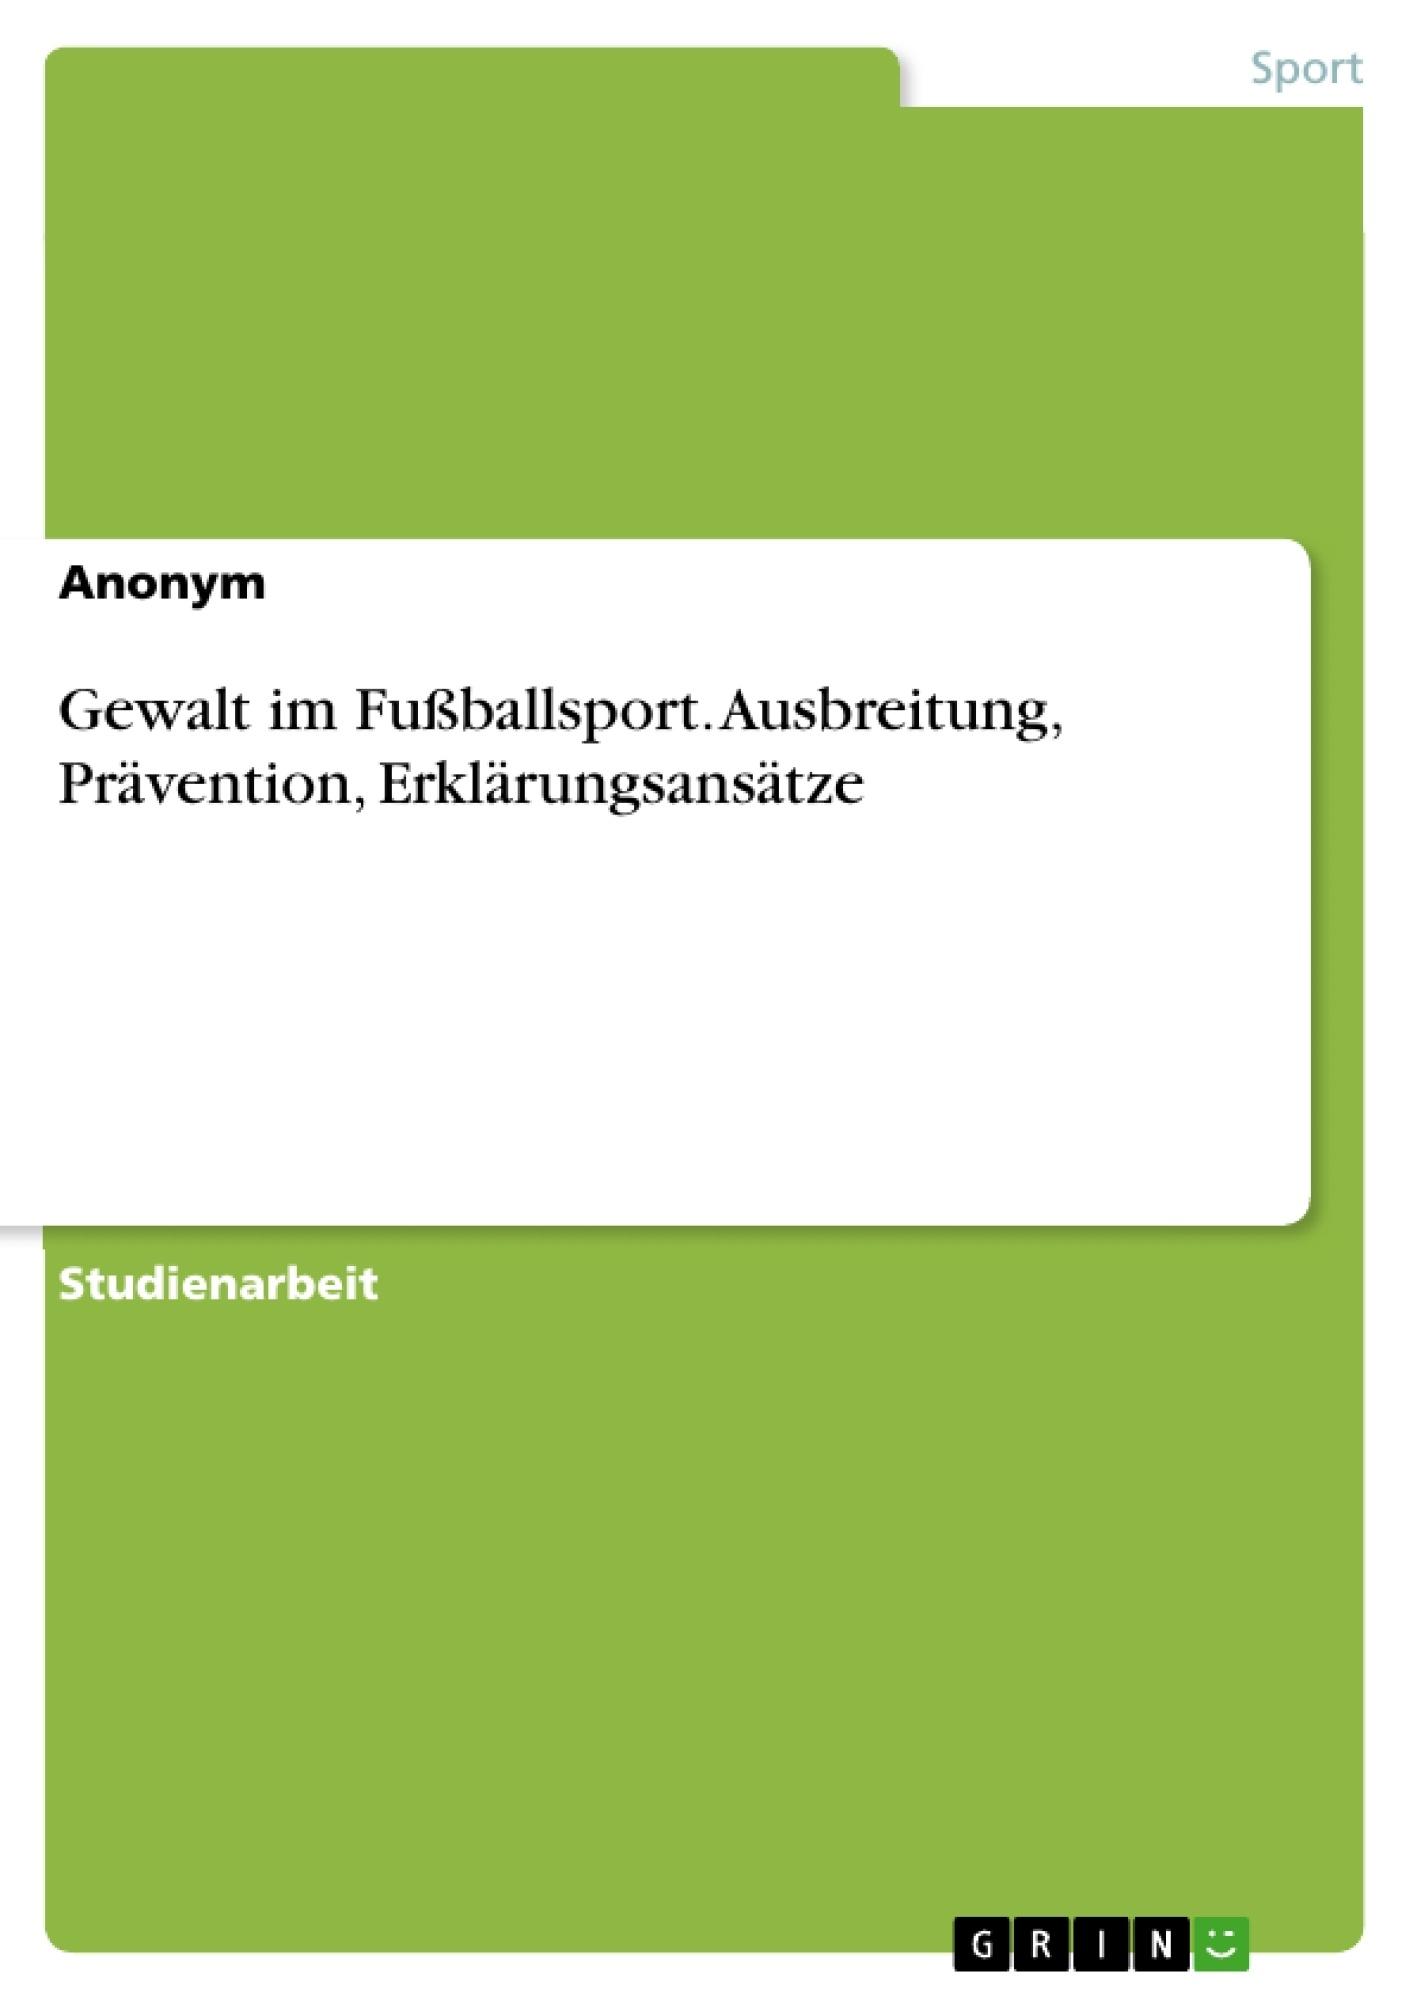 Titel: Gewalt im Fußballsport. Ausbreitung, Prävention, Erklärungsansätze